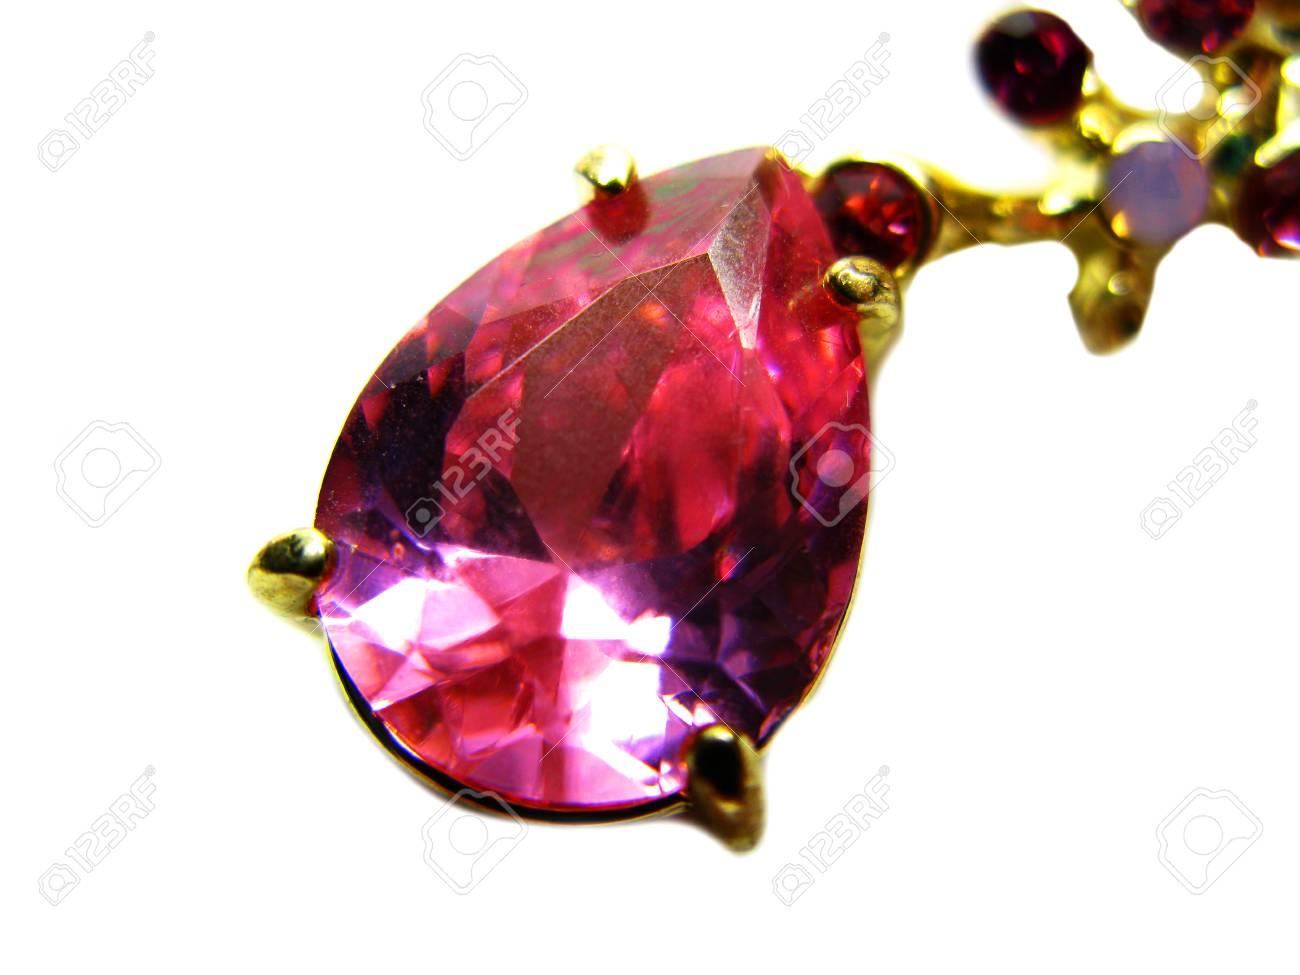 Gem Stone Ruby Diamond Jewel Luxury Fashion Jewelry Stock Photo